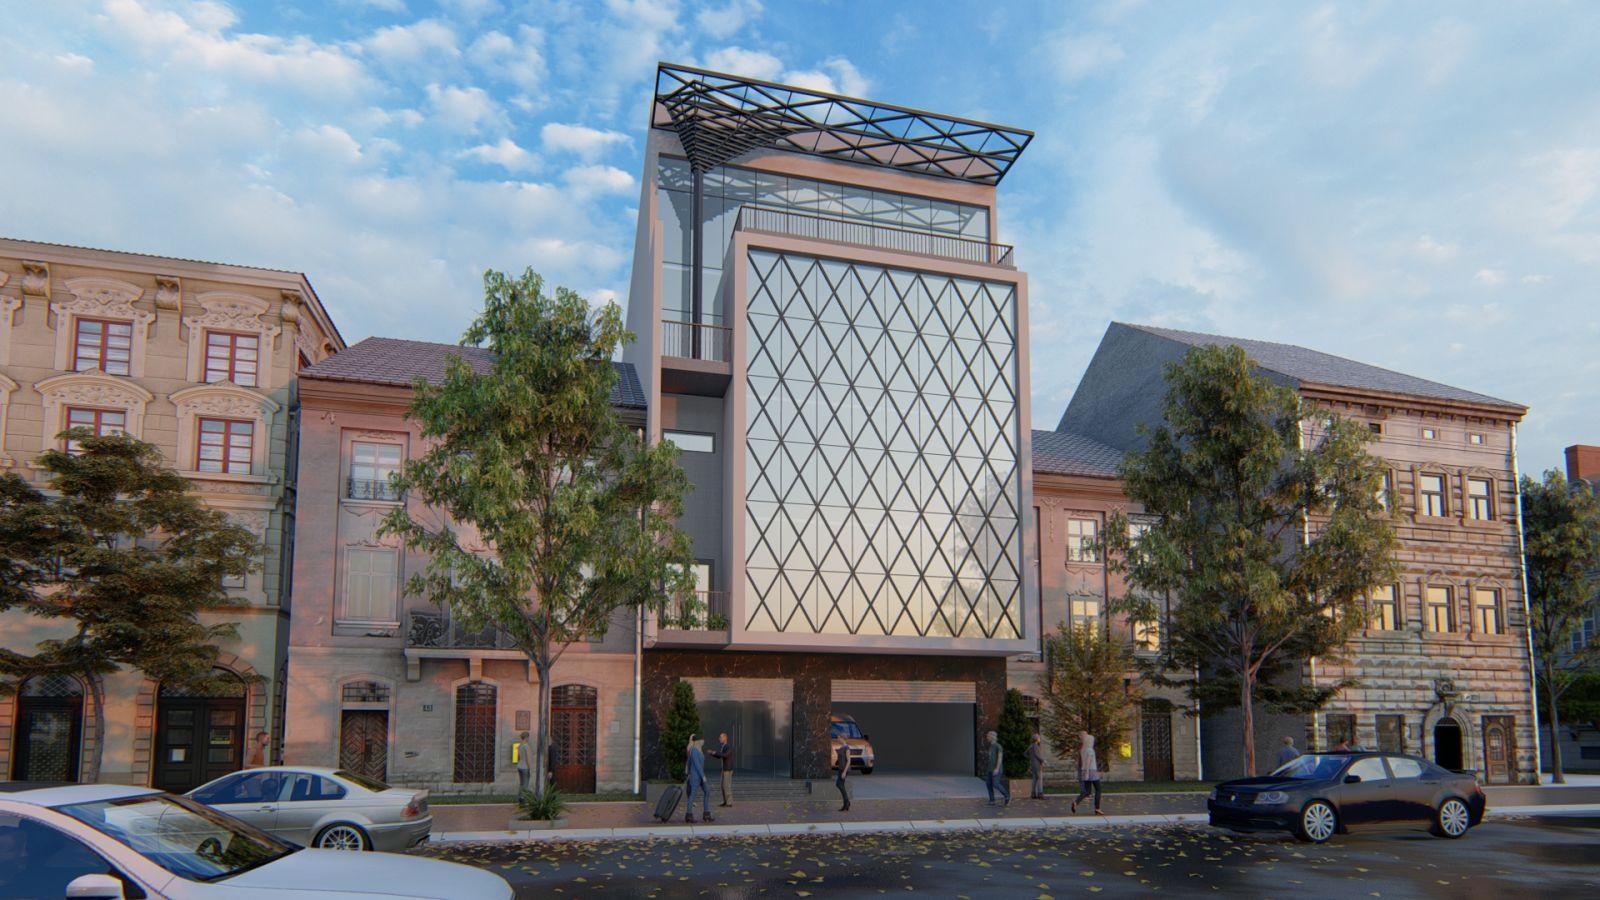 Thiết kế văn phòng 5 tầng tại Hoài Đức, Hà Nội